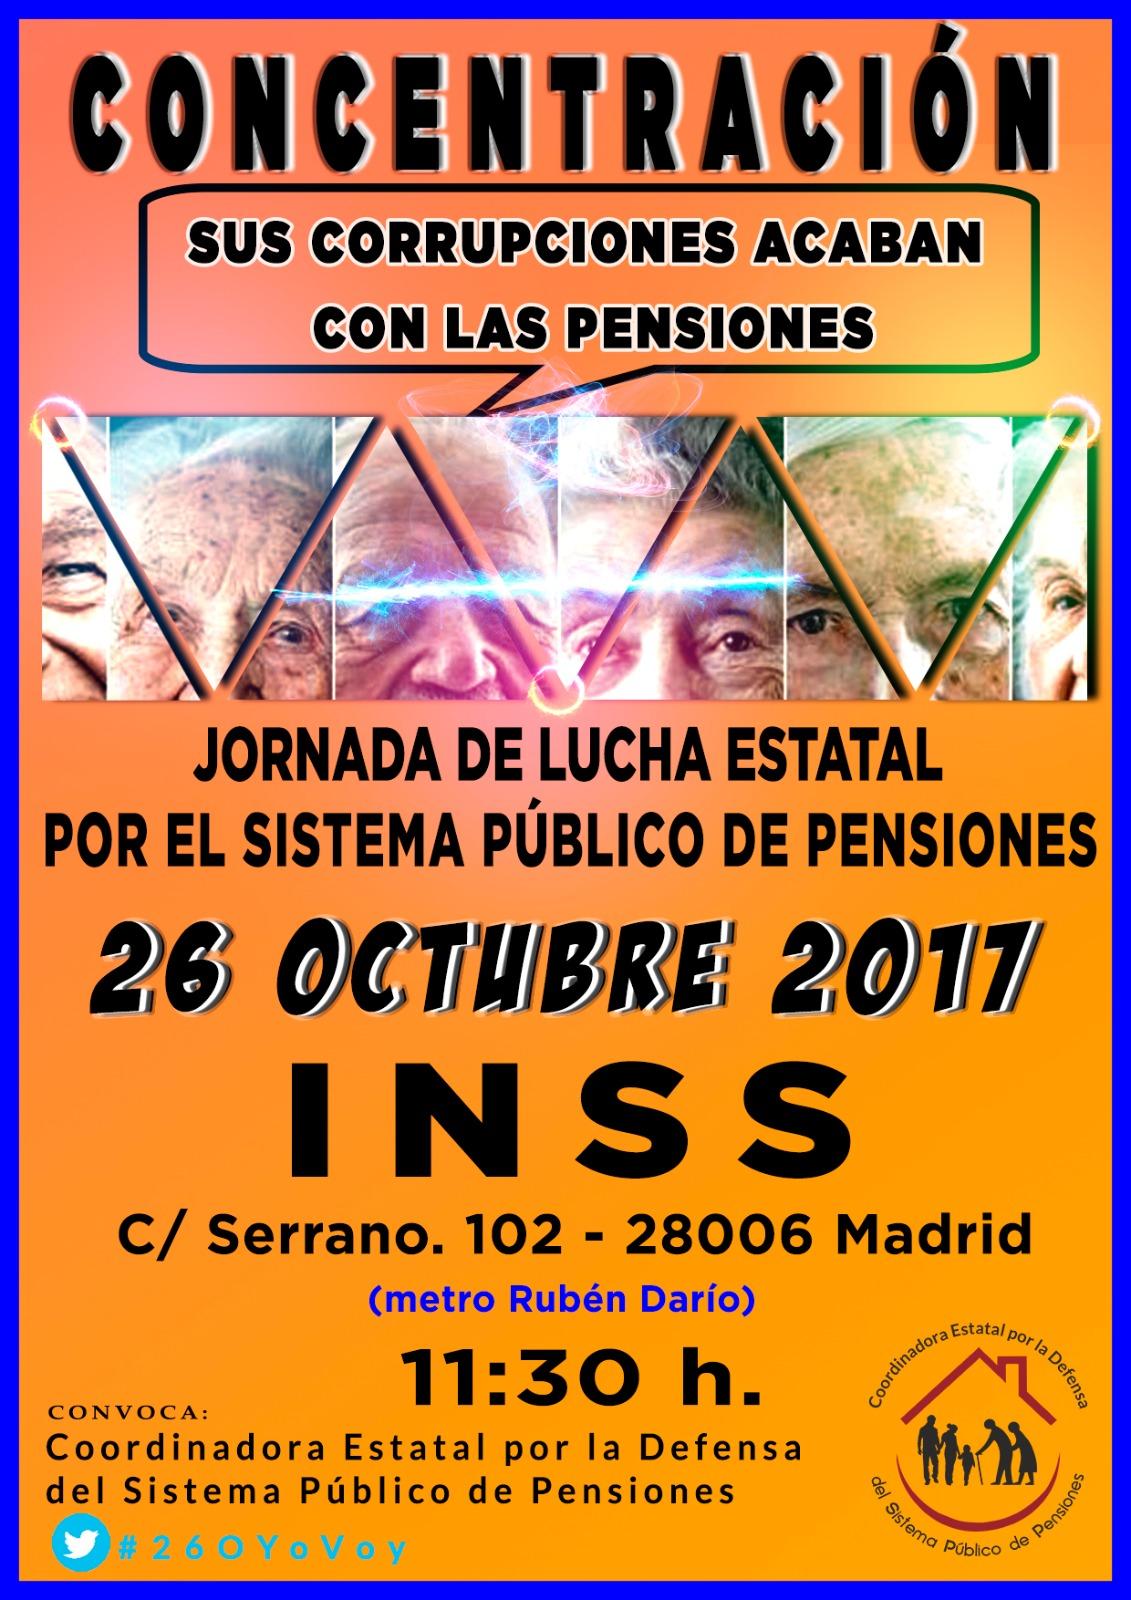 Movilización en defensa de las pensiones públicas